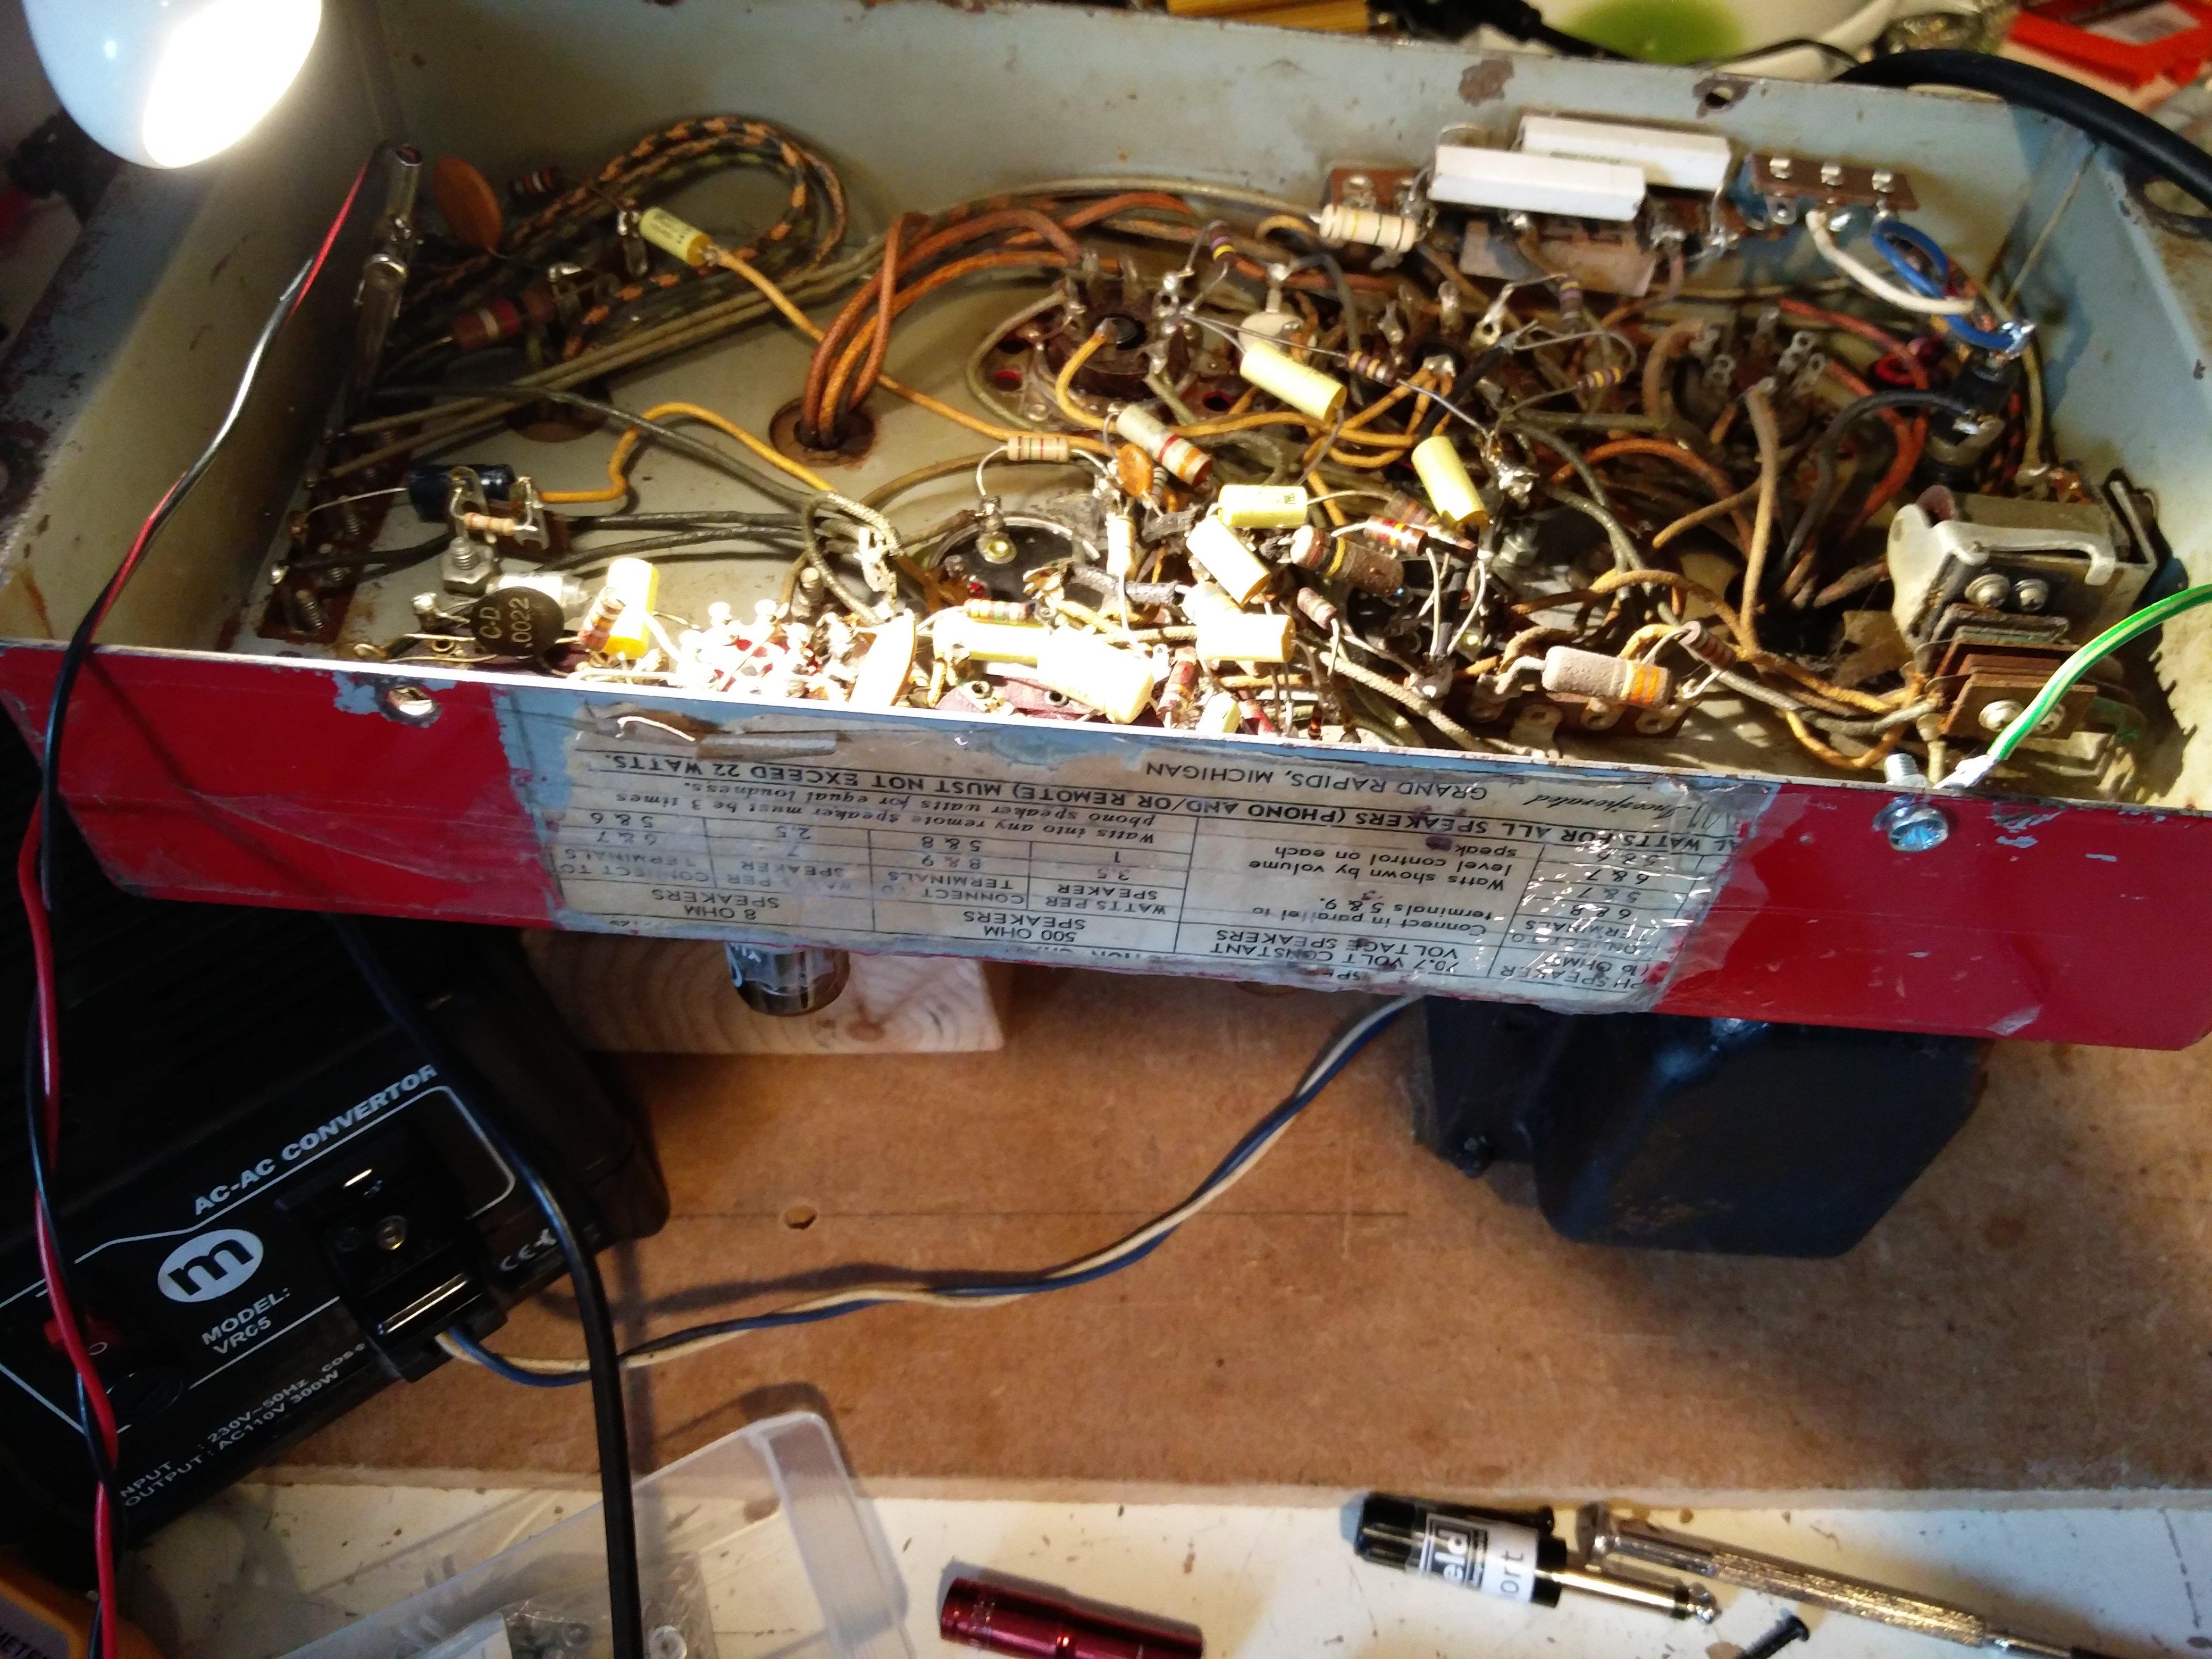 AMI Jukebox repair - 1958 AMI 200 Jukebox - Keld Ampworks